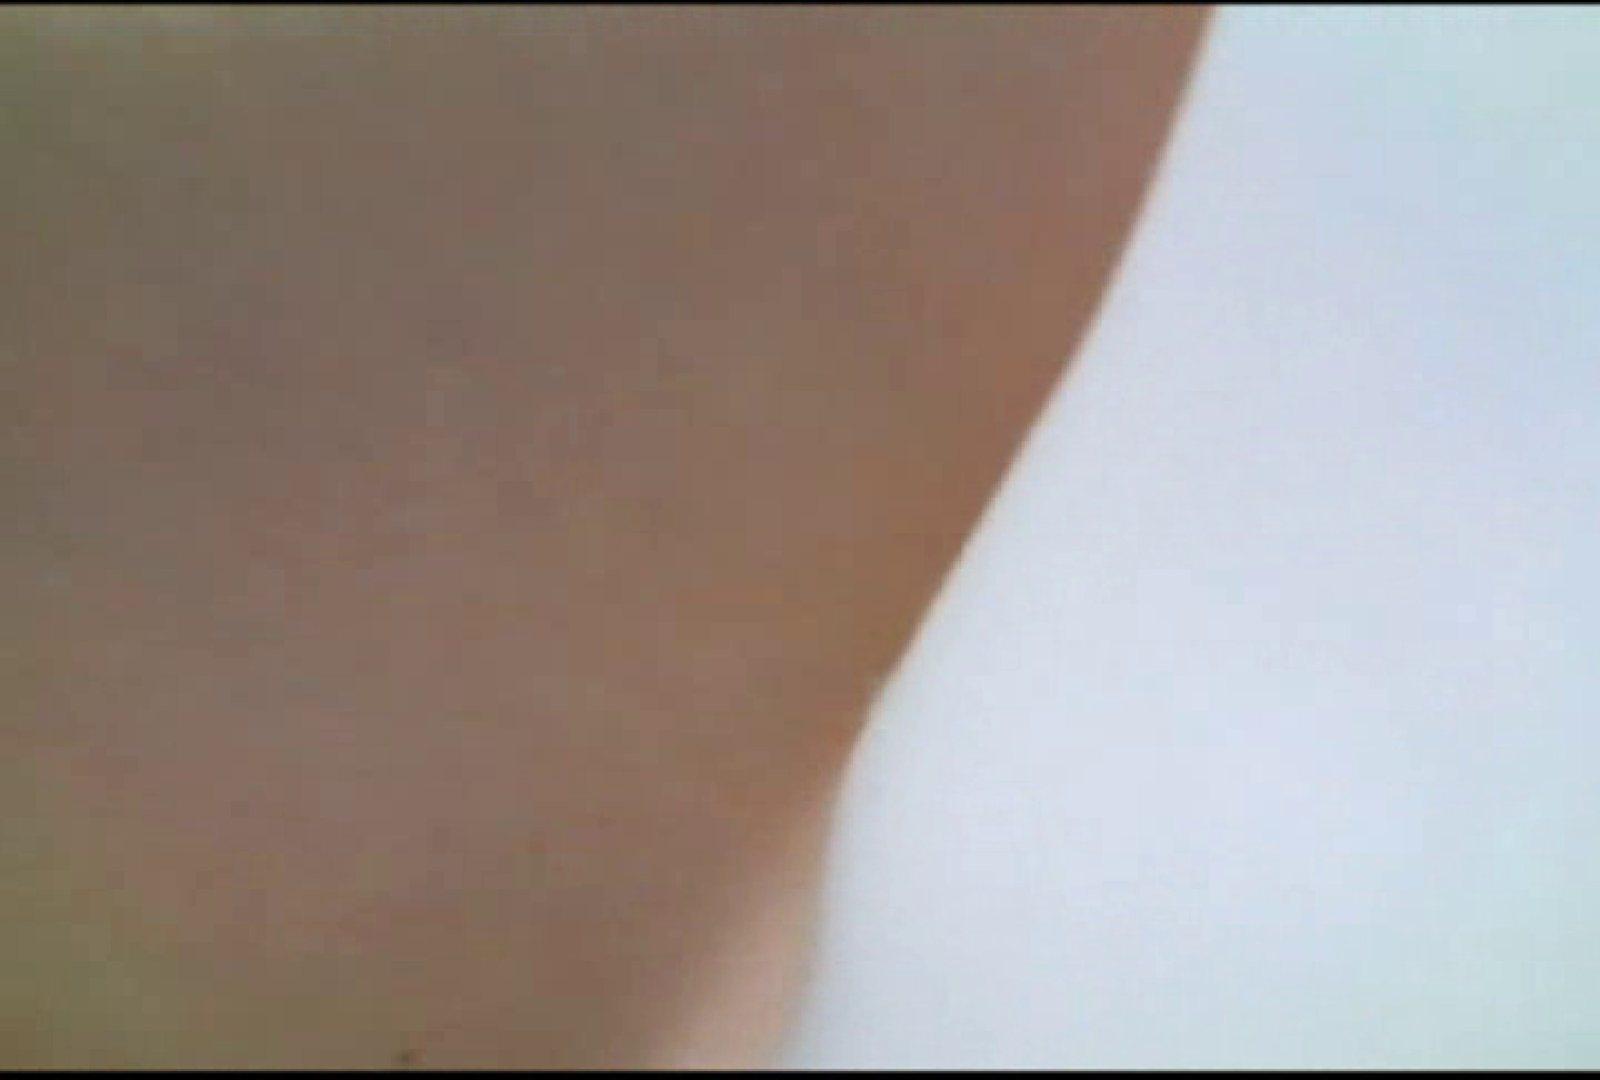 いきつけの美容院はノーブラ営業中!Vol.2 乳首  54PIX 26